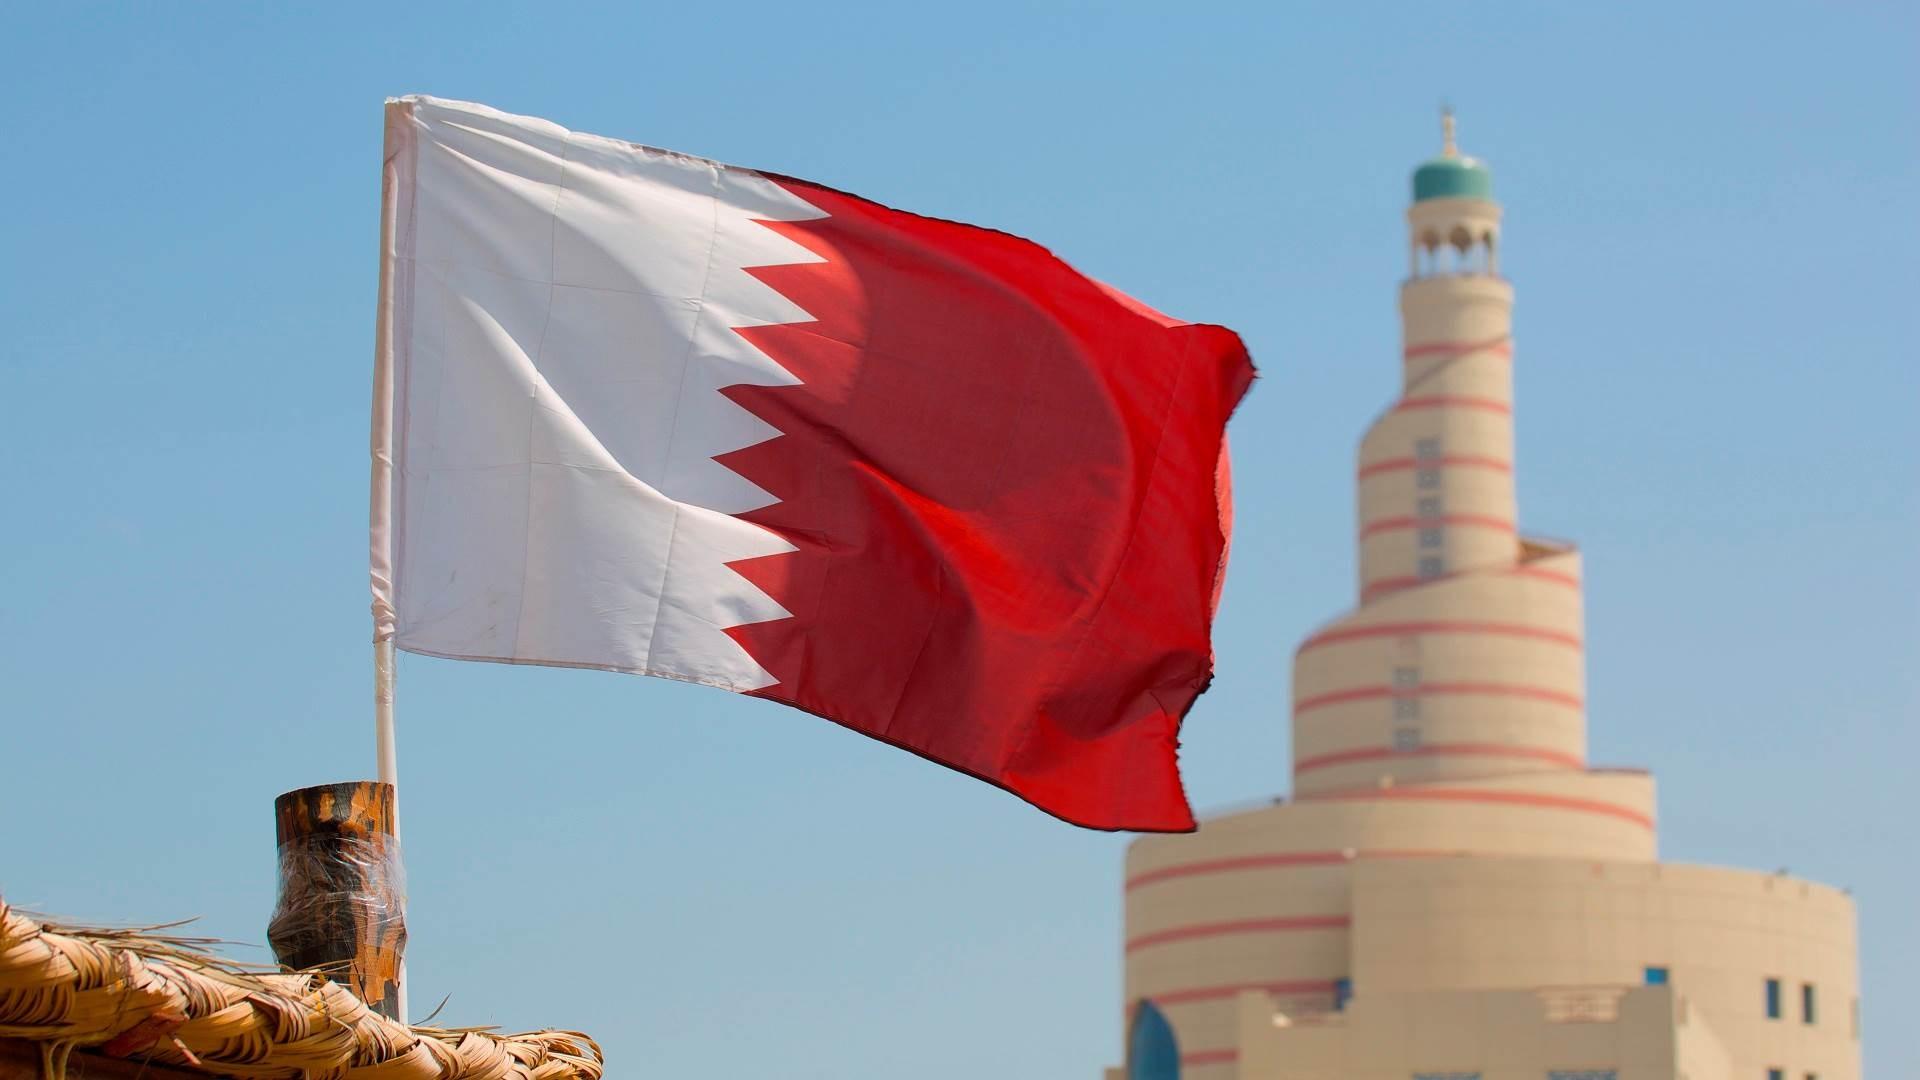 وسائل اعلام إسرائيلية:ضغوطاً أميركية تمارس على قطر للتطبيع